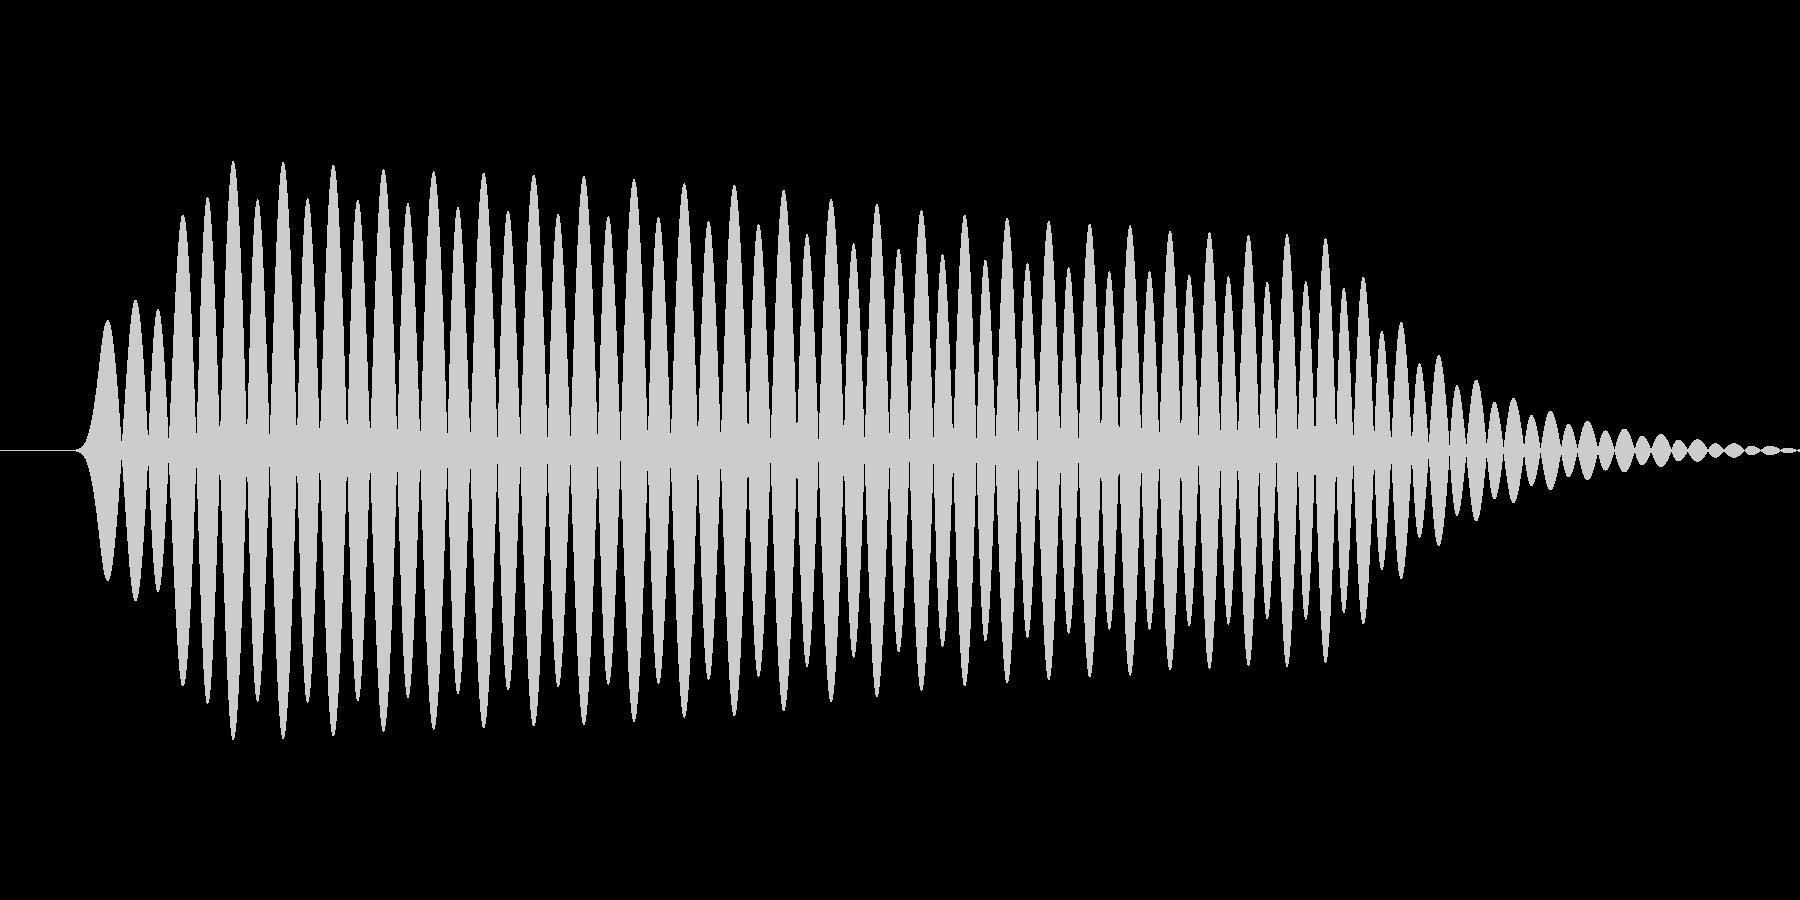 軽めのクリック音の未再生の波形